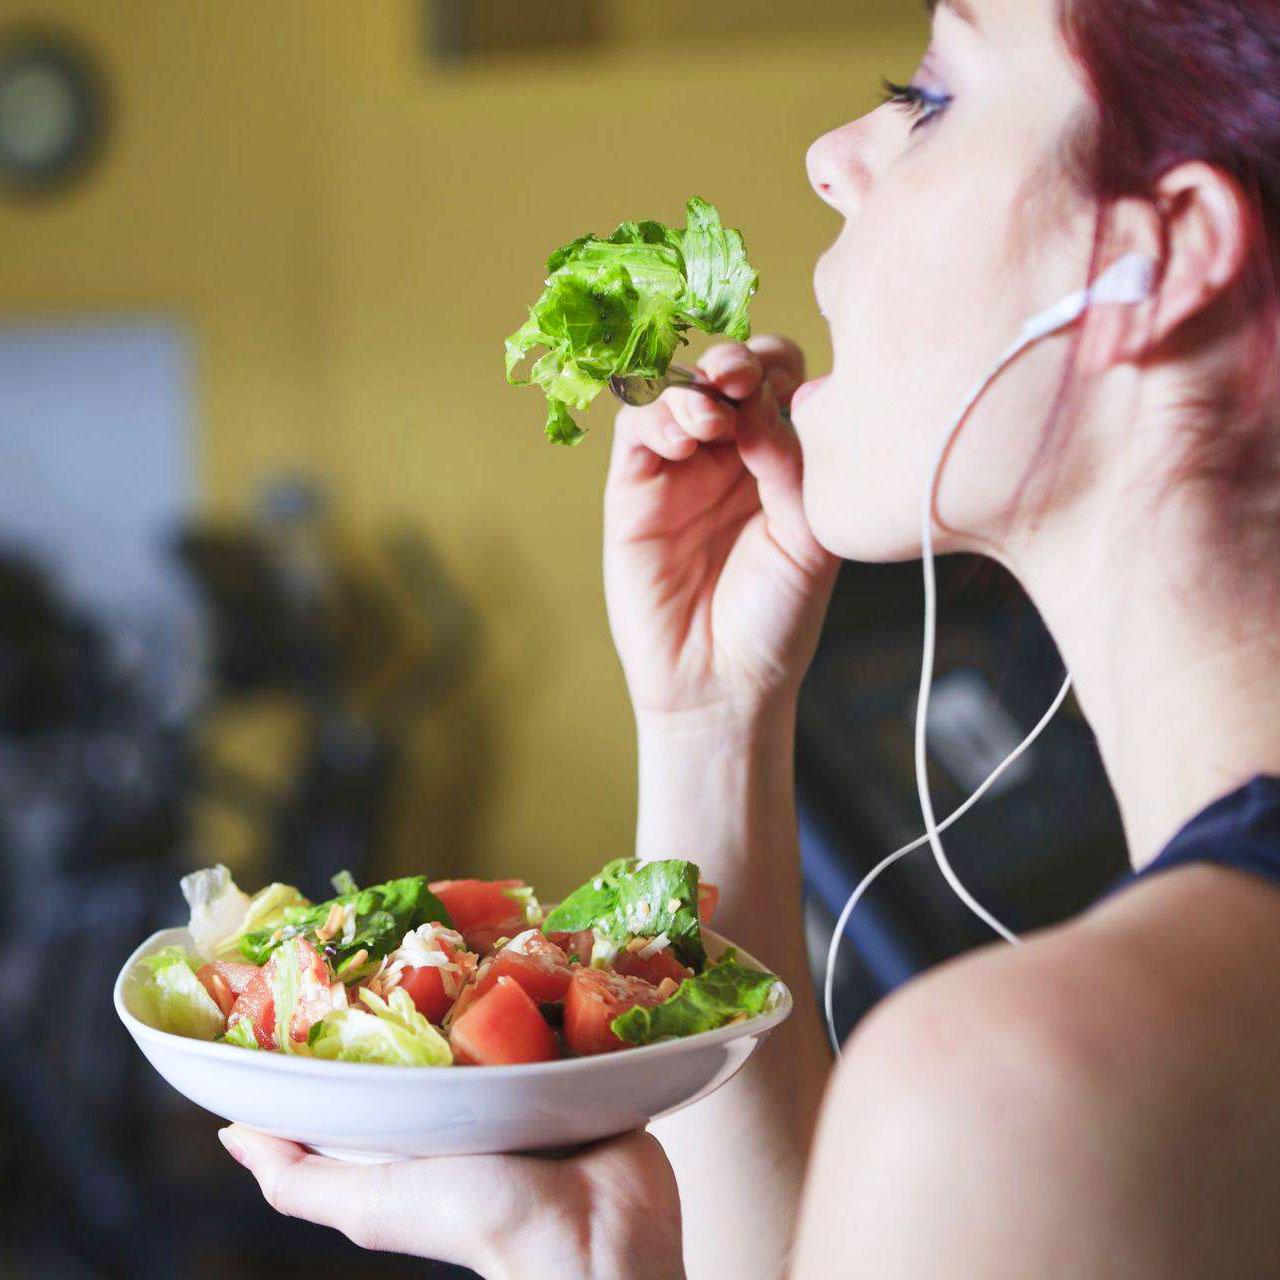 Питание до тренировки с целью похудения